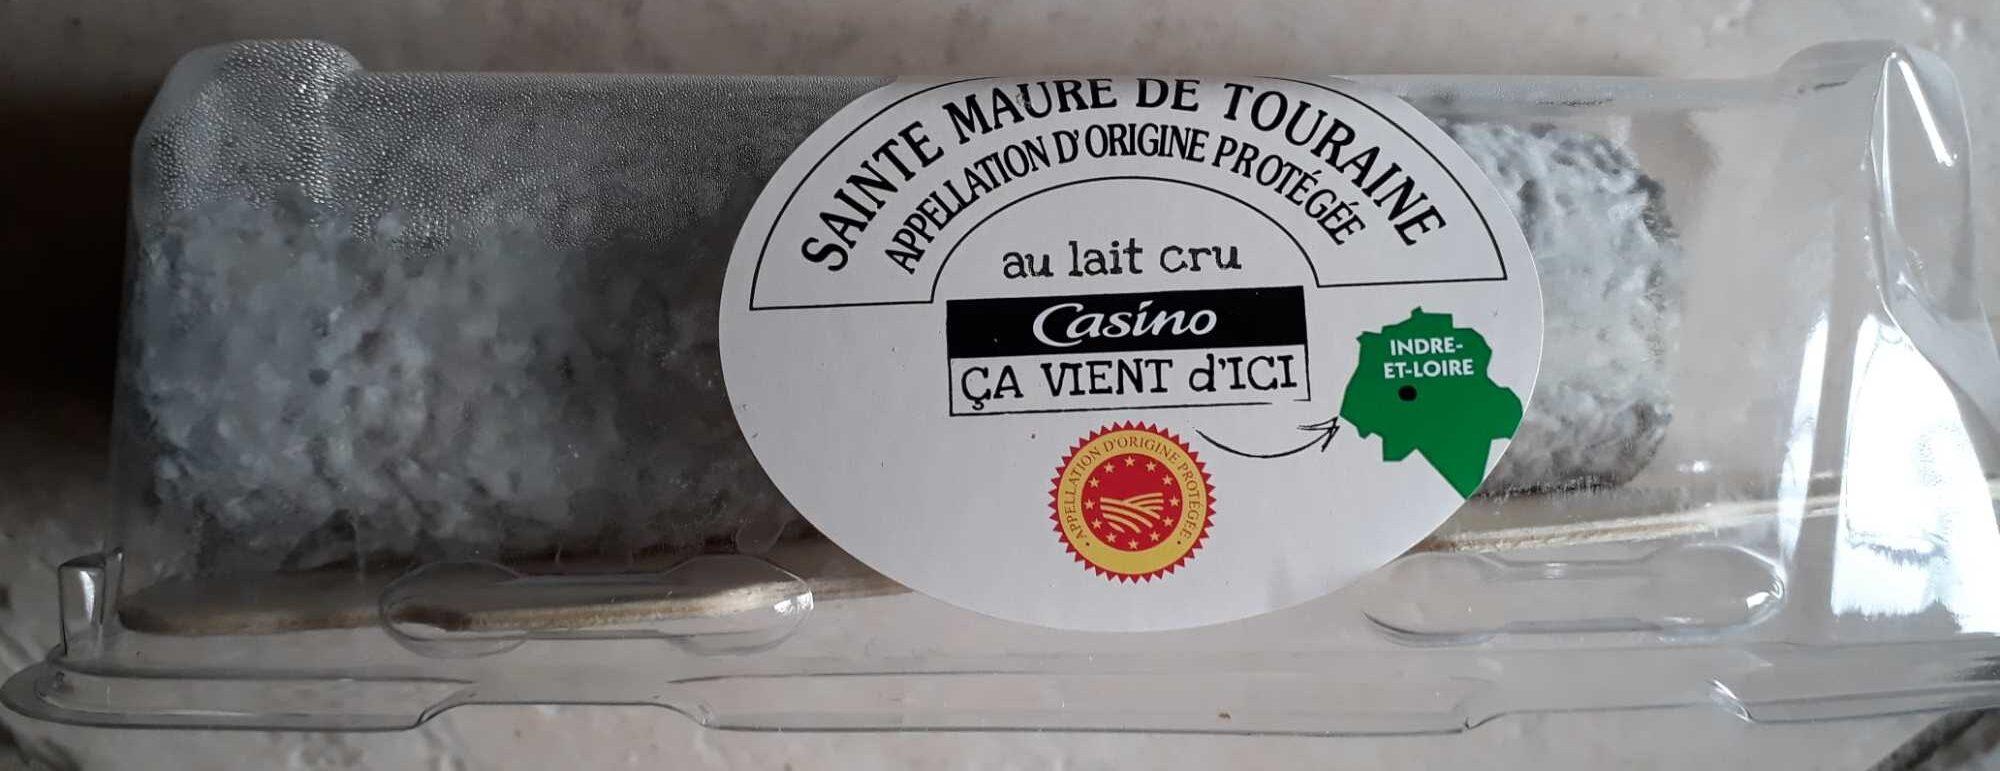 Sainte-Maure de Touraine - Appellation d'Origine Protégée - au lait cru - Product - fr